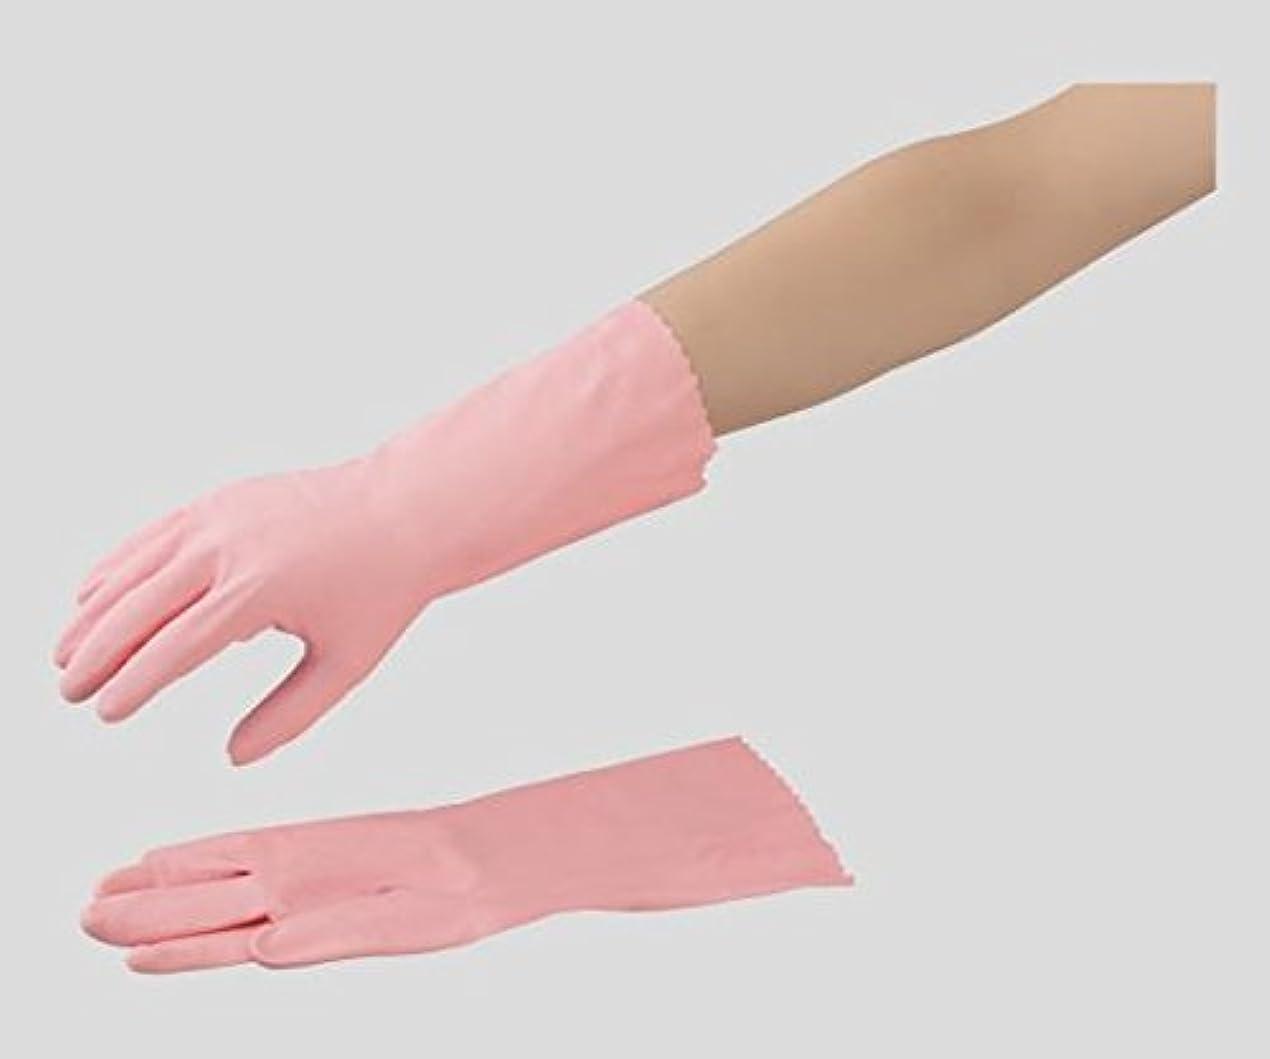 歴史選ぶ血ショーワグローブ2-9731-01ニトリルラテックス手袋中厚手裏毛付ピンクS